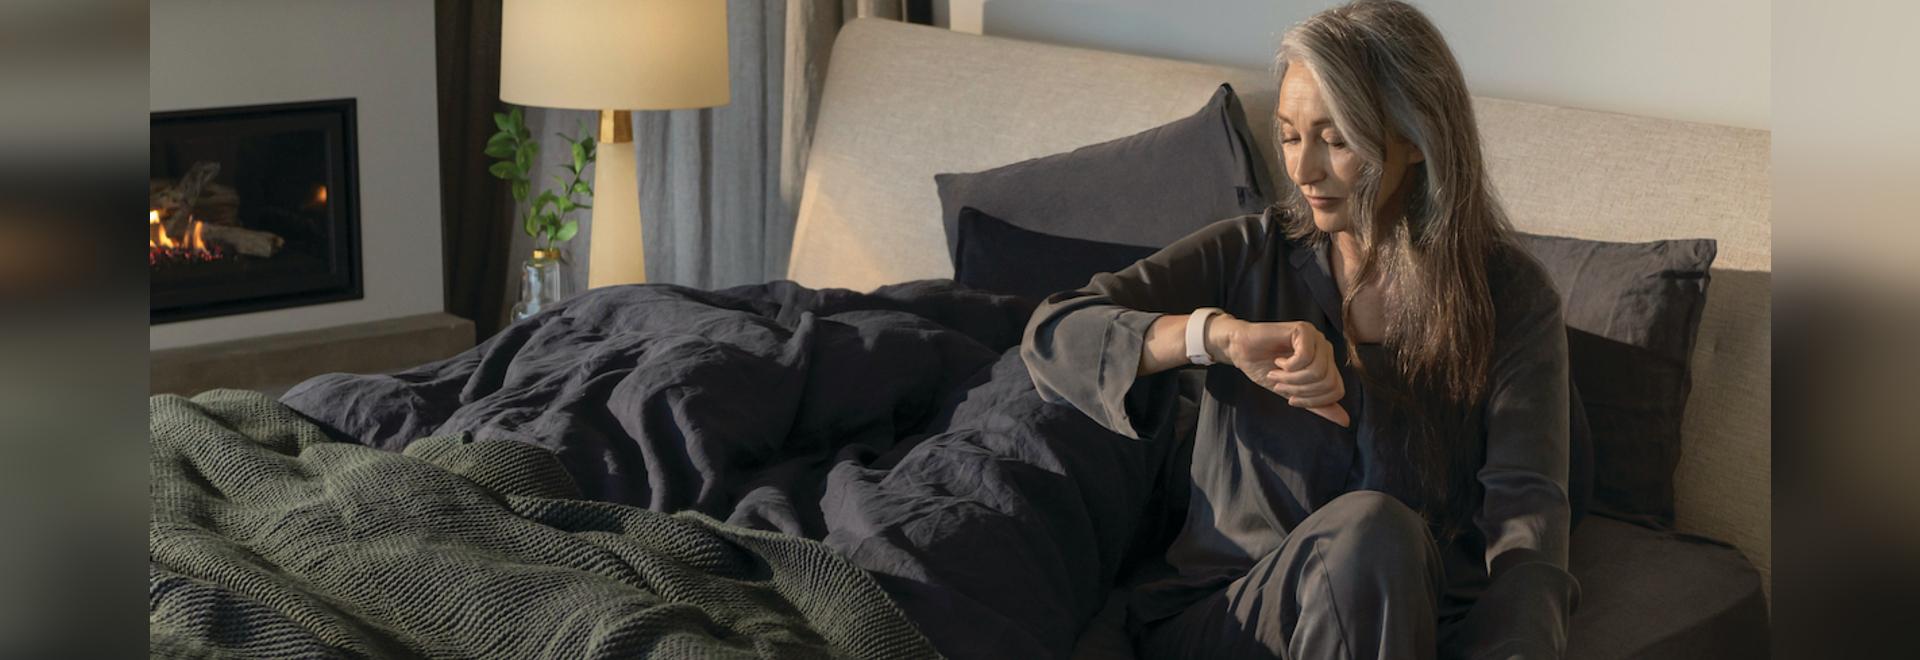 Los datos de Fitbit sugieren que las personas con COVID-19 experimentan efectos persistentes en su salud